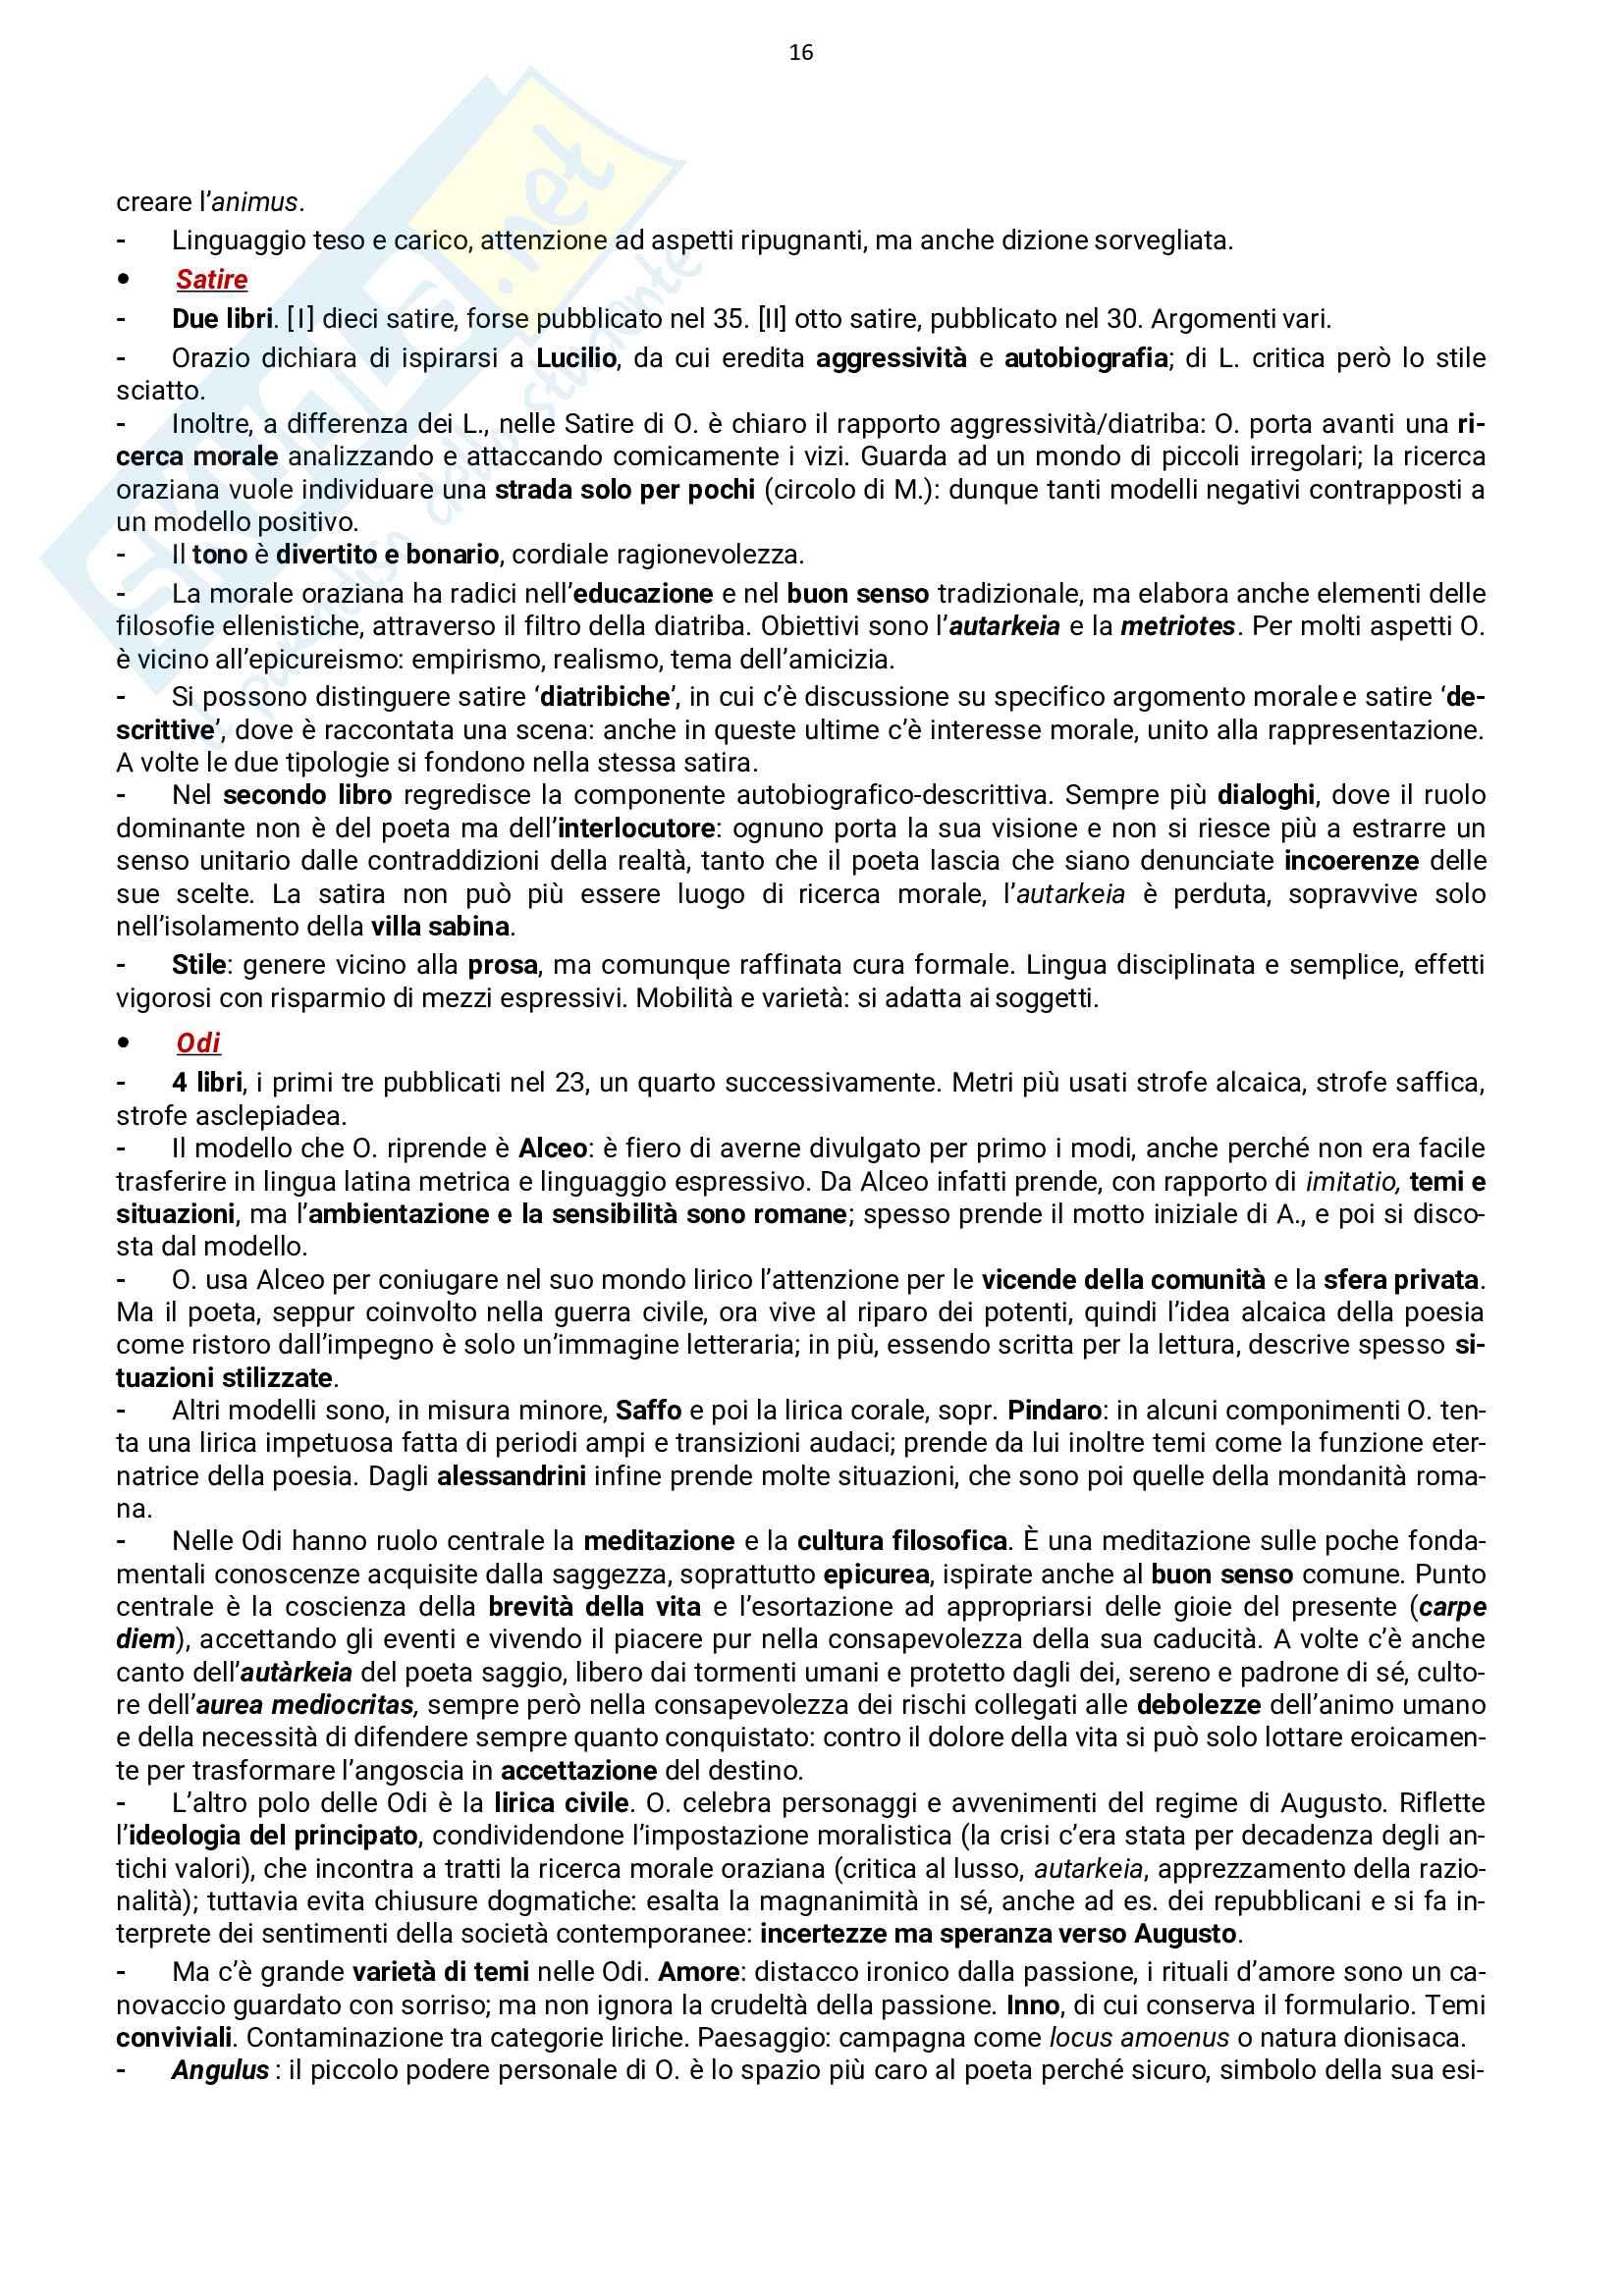 Autori latini: vita e opere, esame Letteratura Latina, prof. Stucchi, libro consigliato Conte Pag. 16